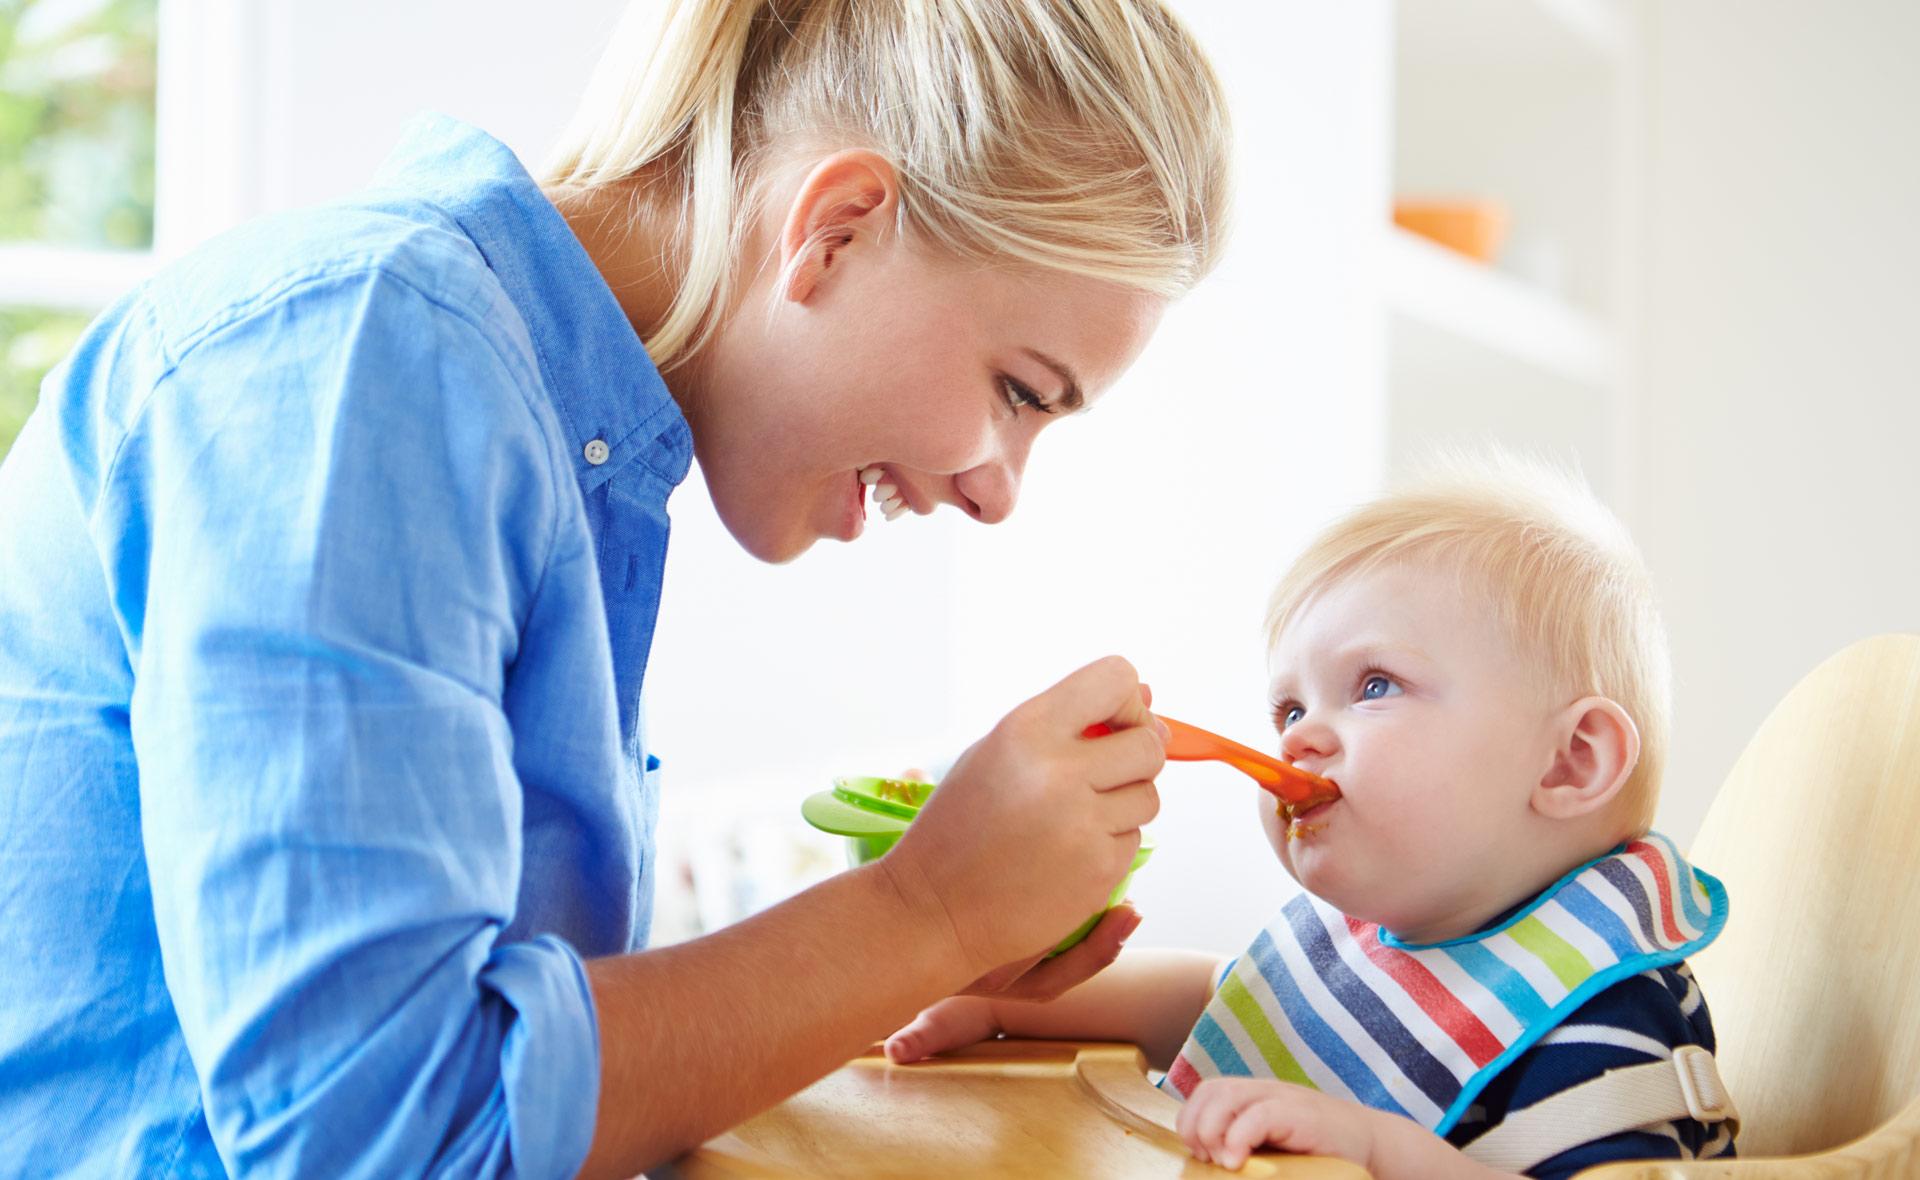 Режим питания ребенка в 5 месяцев: все, что должна знать мама